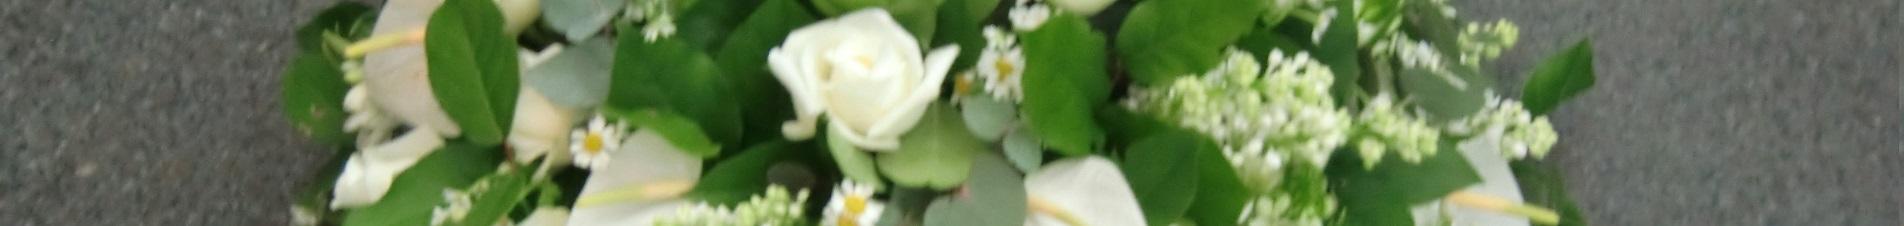 bloemen versturen naar  biedermeier